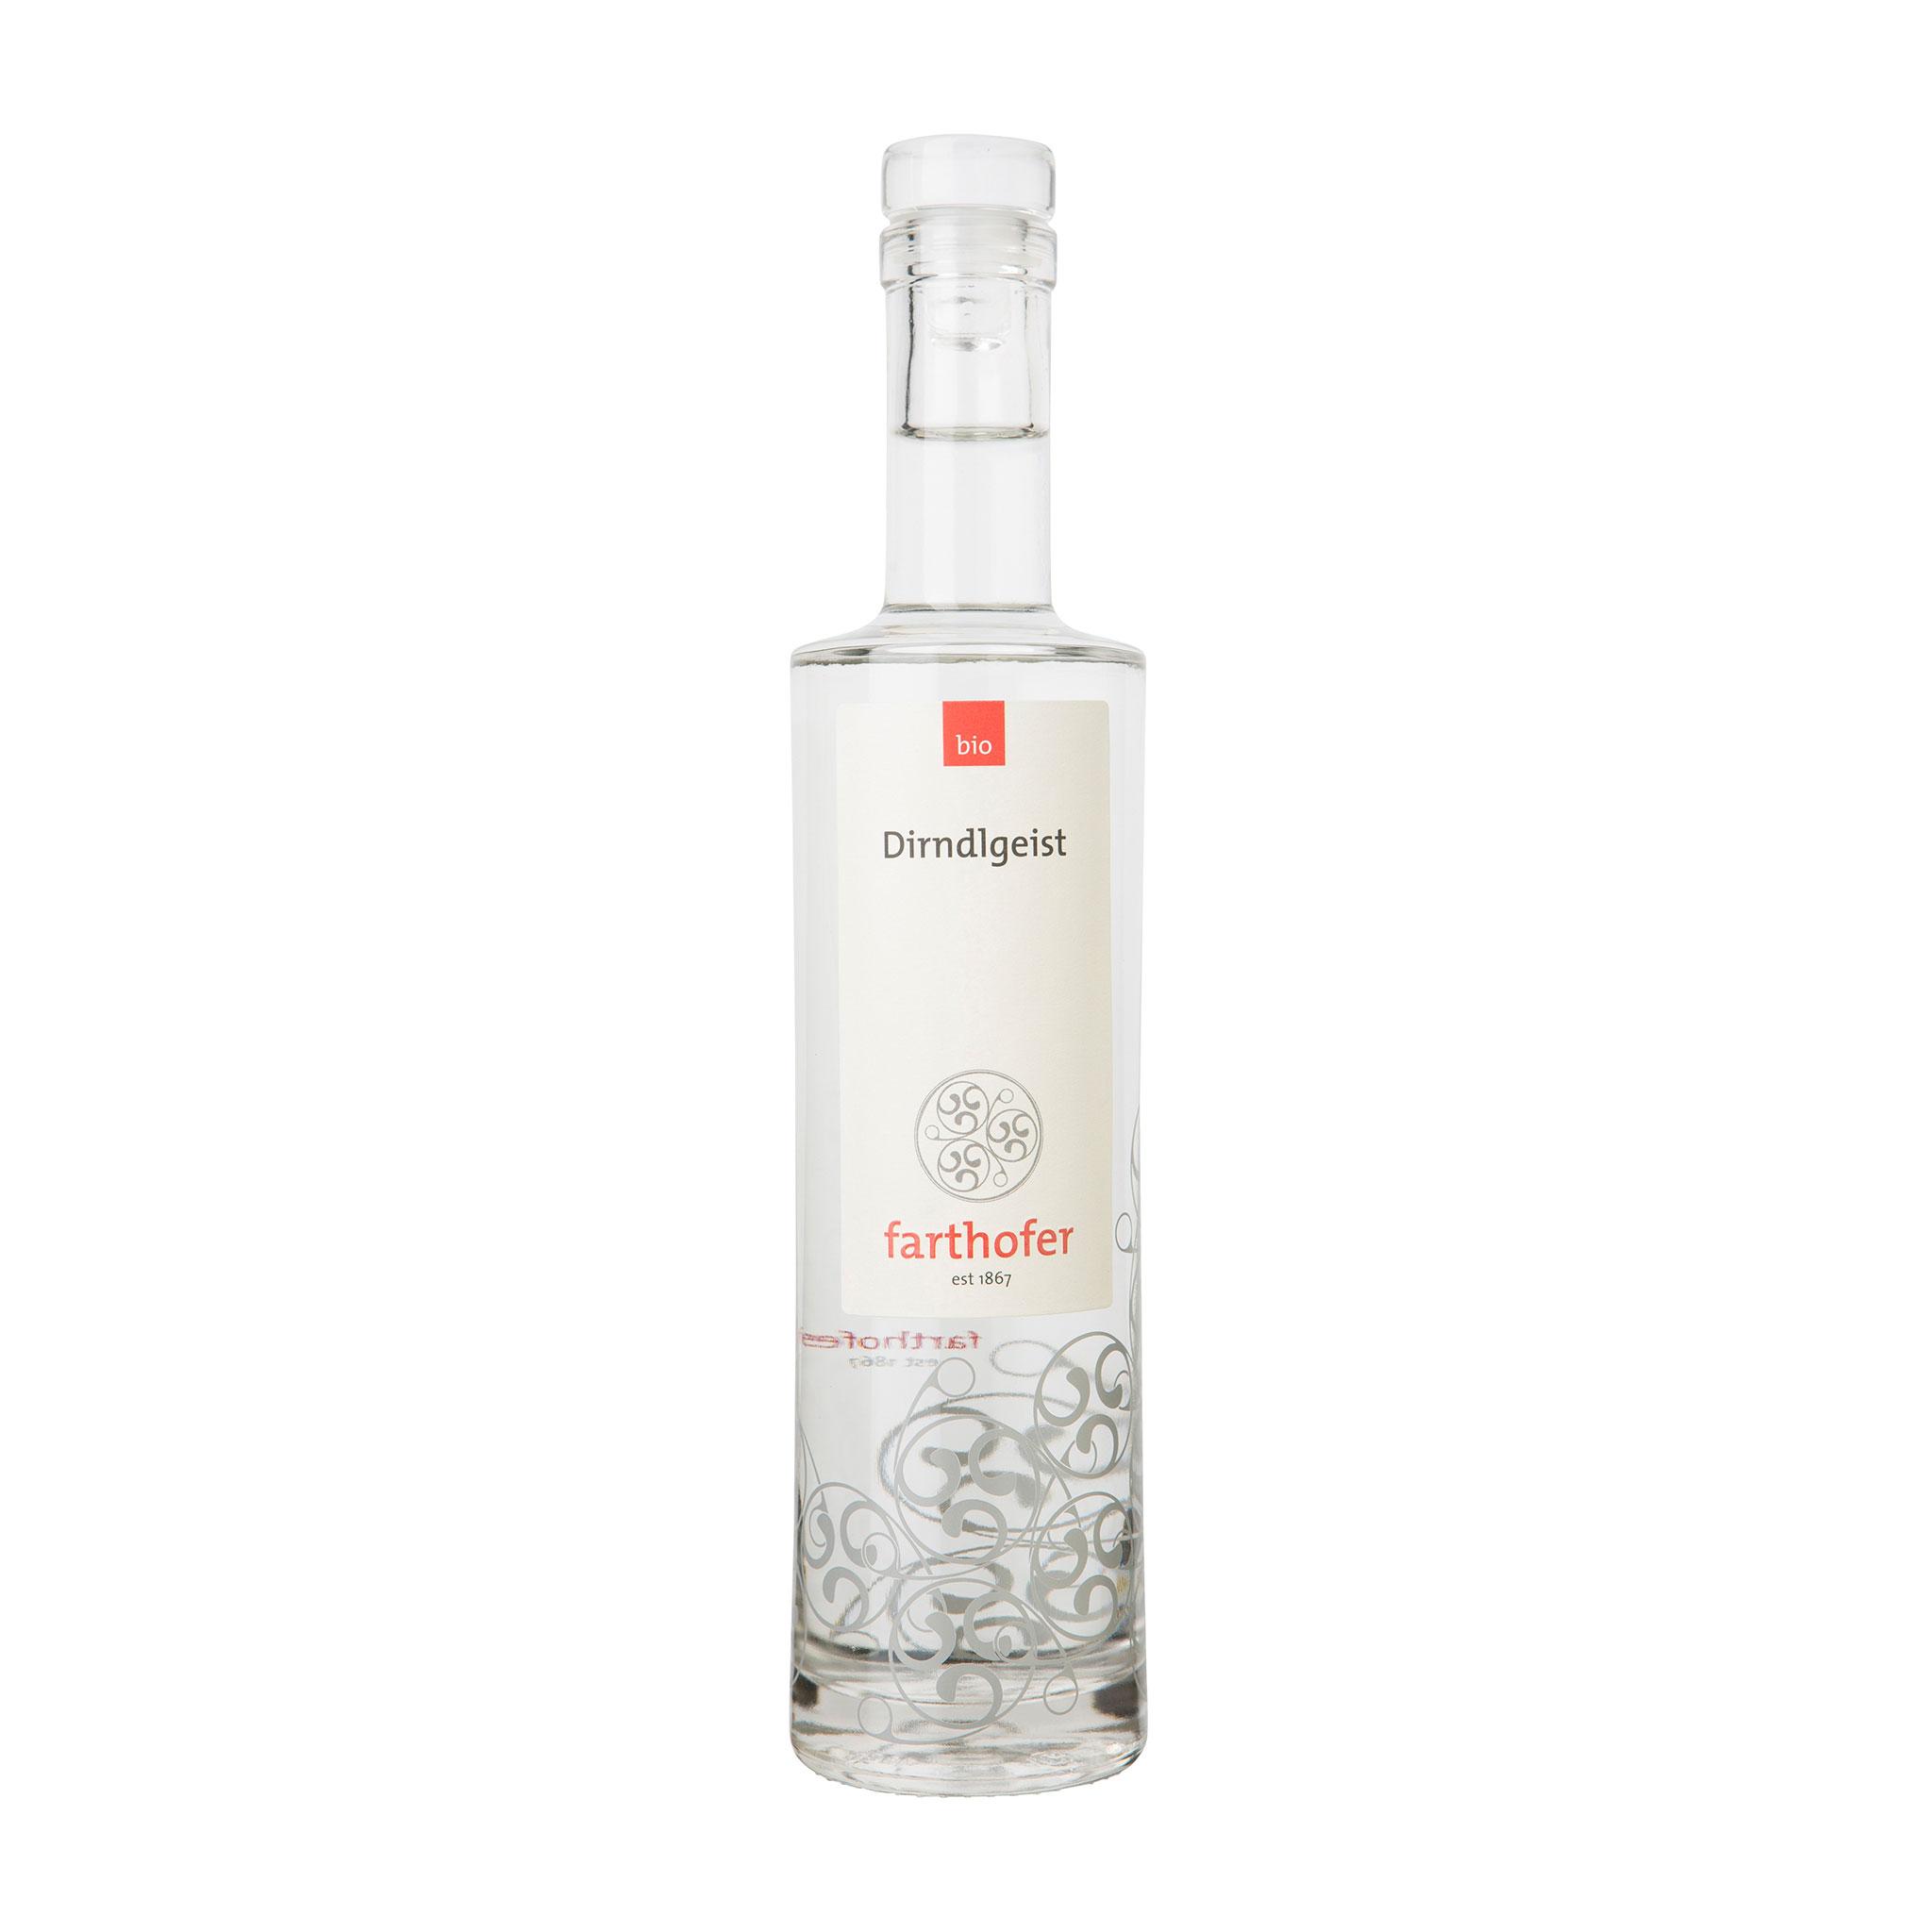 Dirndlgeist (700 ml) - Destillerie Farthofer